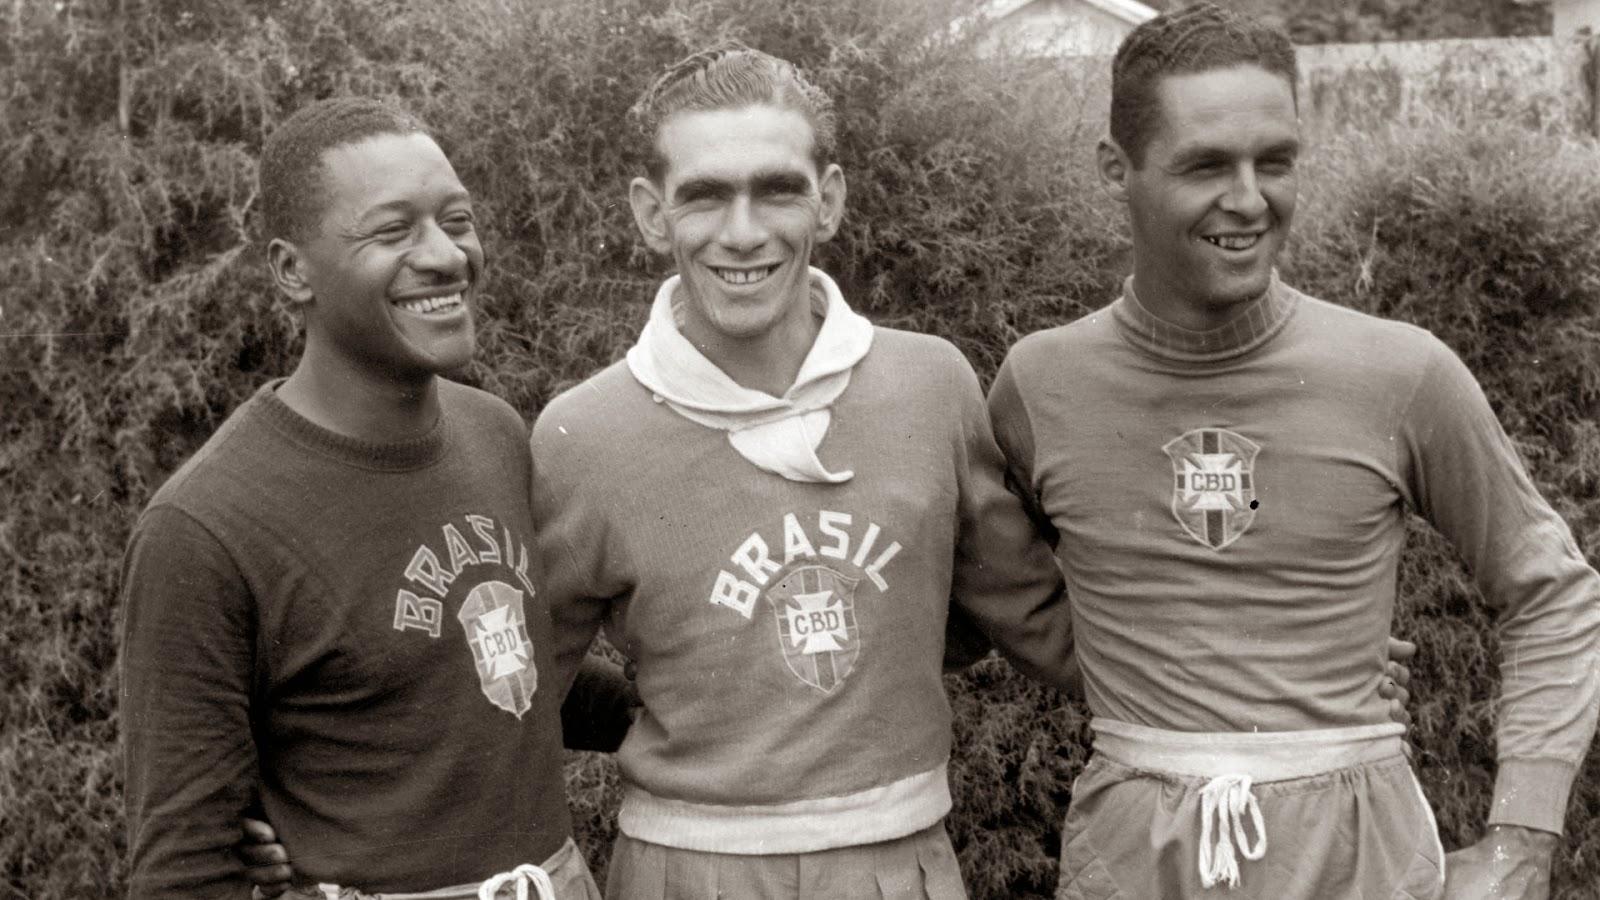 Castilho+-+Os+jogadores+da+sele%C3%A7%C3%A3o+brasileira+Moacir+Barbosa,+Carlos+Castilho+e+Gylmar+dos+Santos+Neves,+em+1953+(Folhapress).jpg